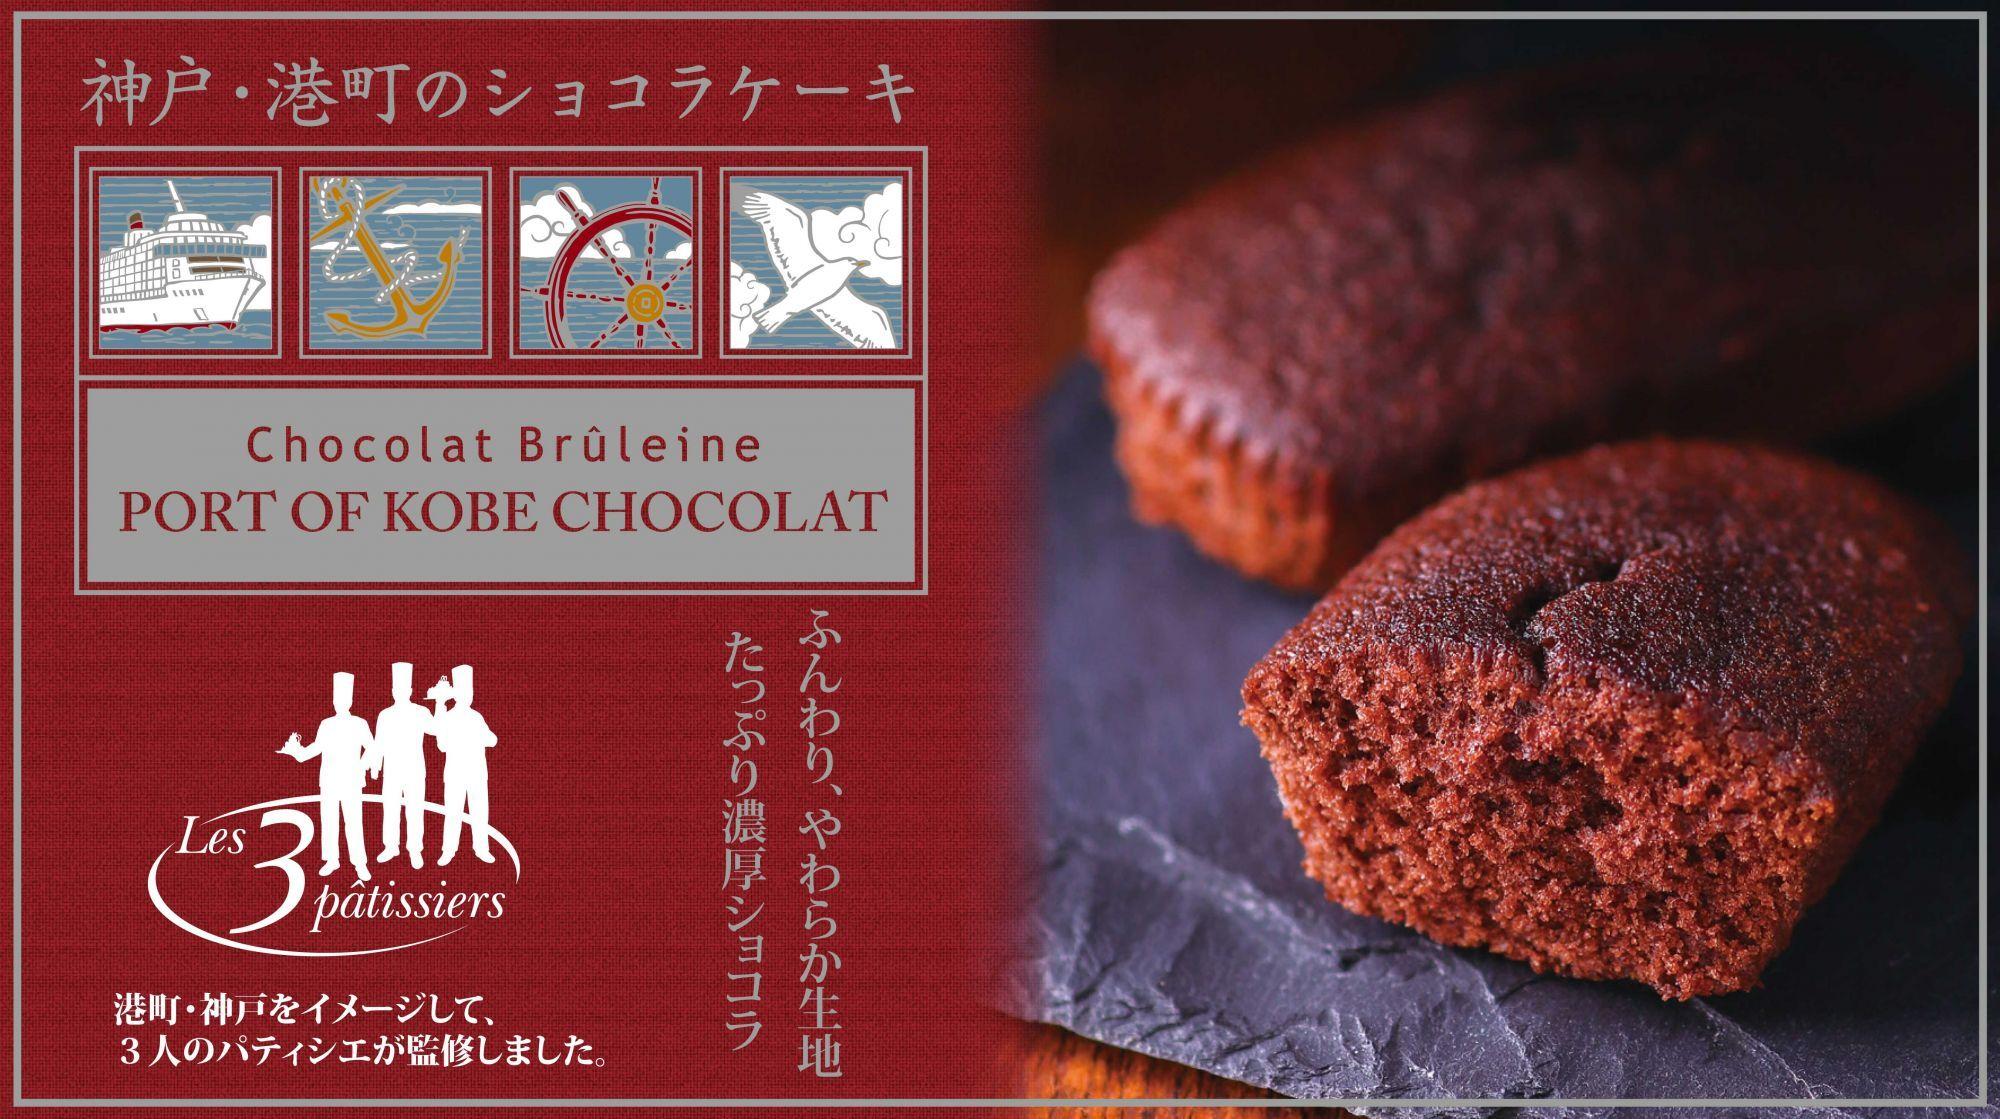 神戸・港町のショコラケーキ